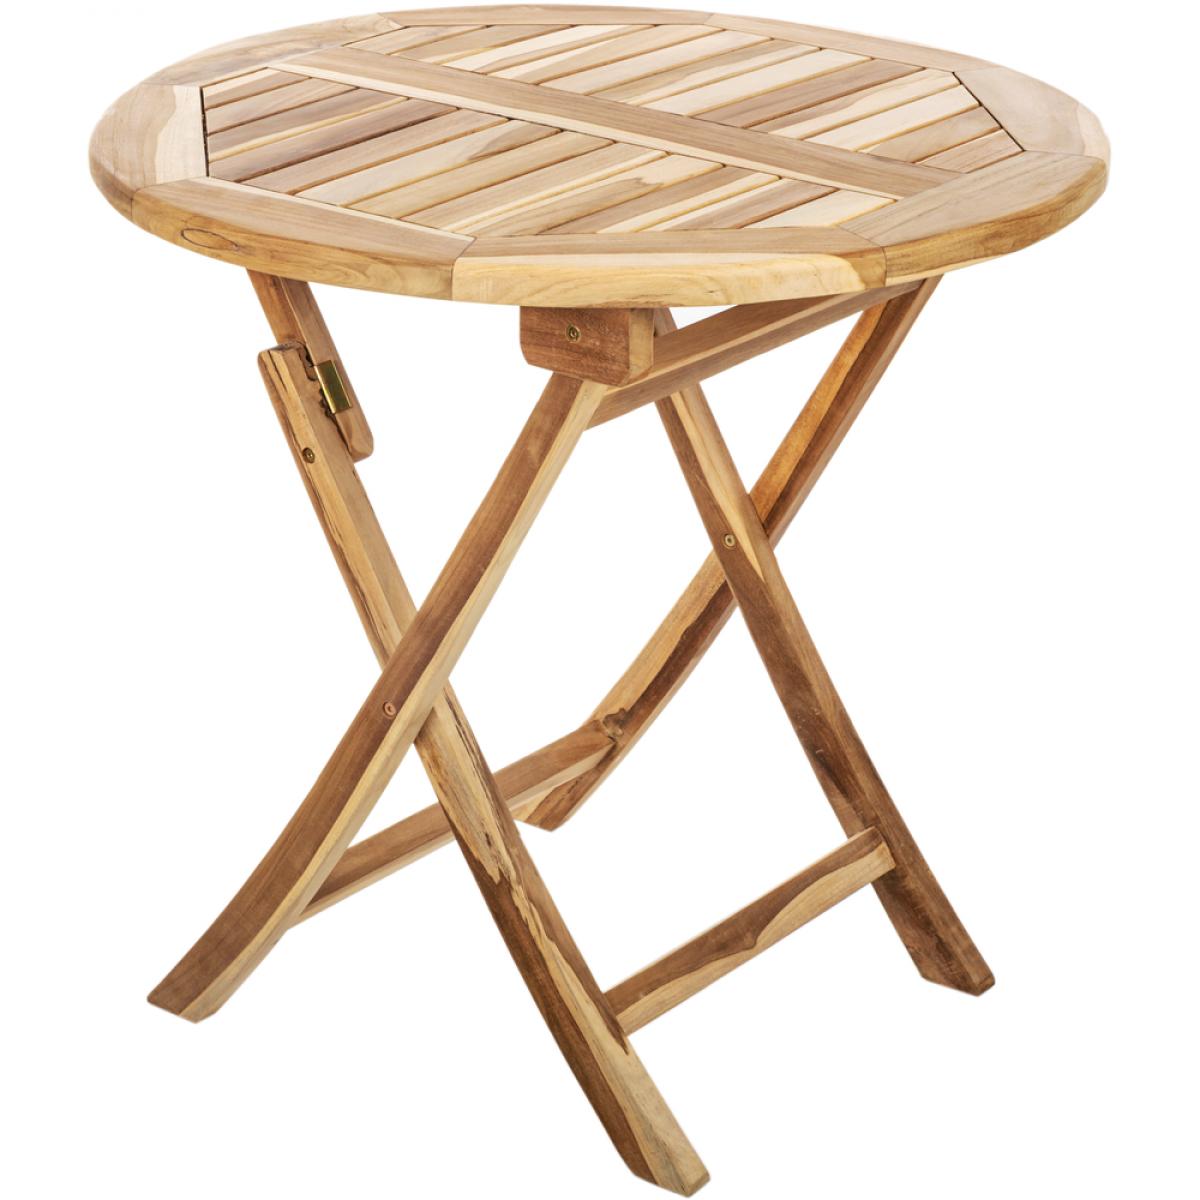 Primematik Table de jardin pliante ronde 80 cm en bois de teck certifié